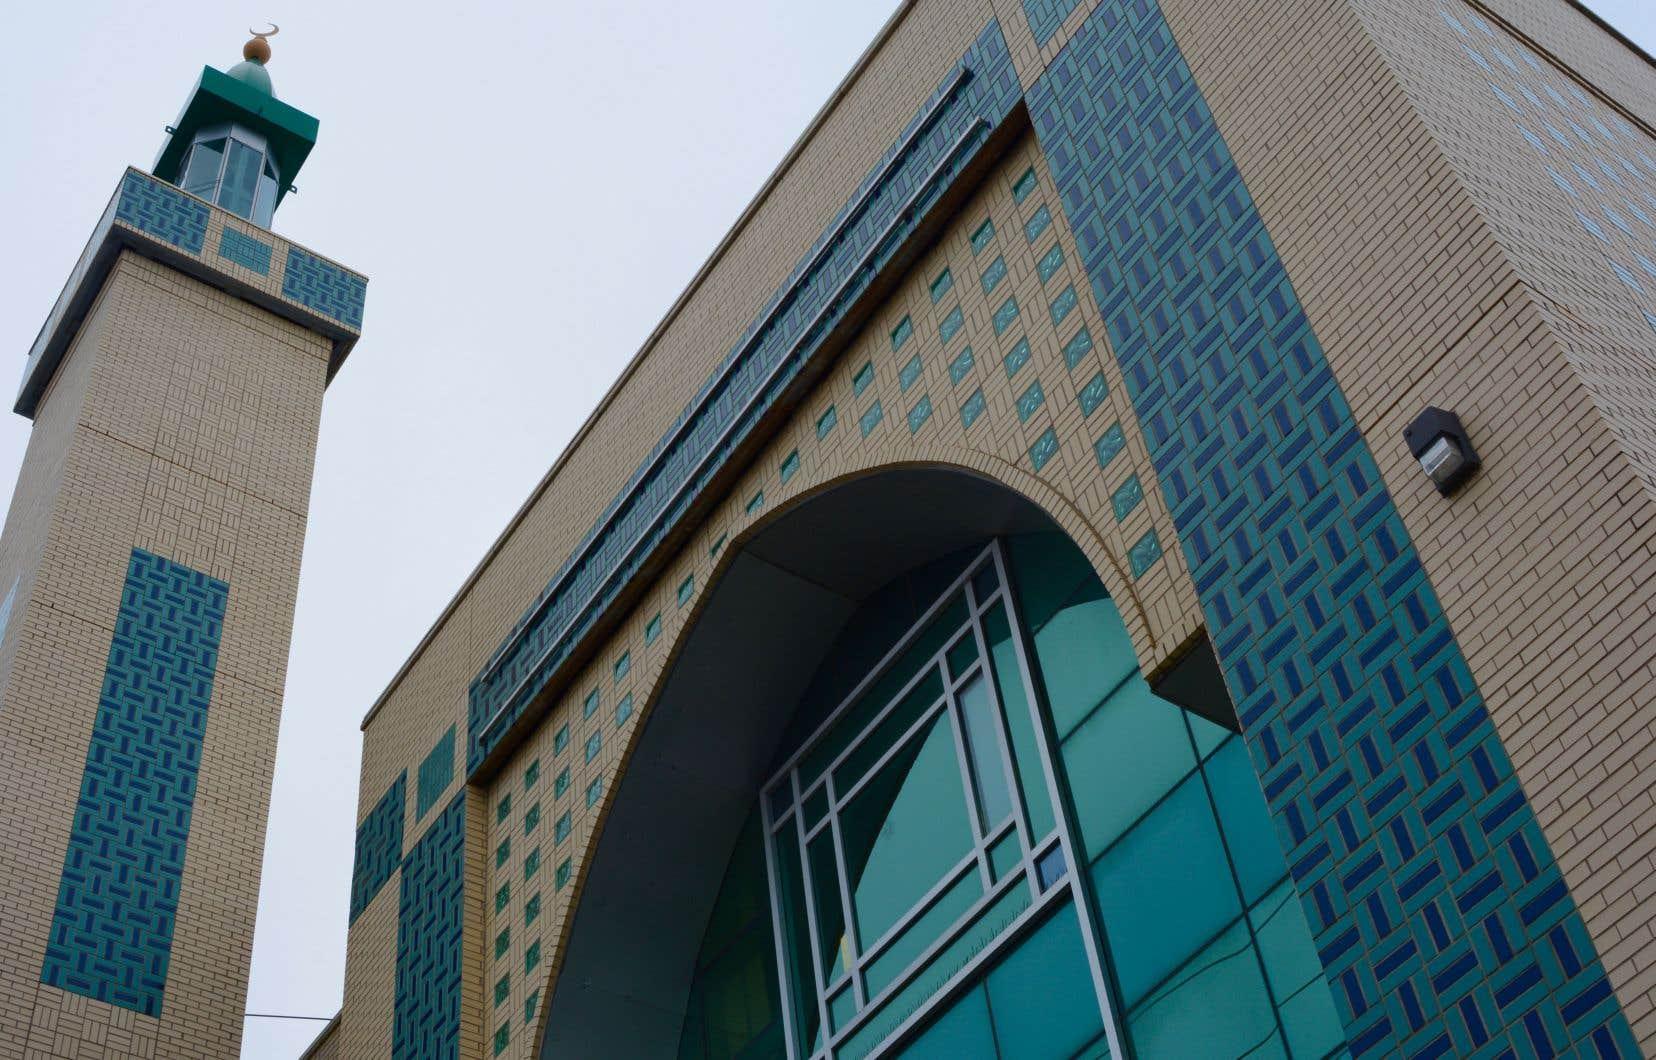 Le Centre islamique du Québec, fondé en 1967, est la plus vieille mosquée de la province.